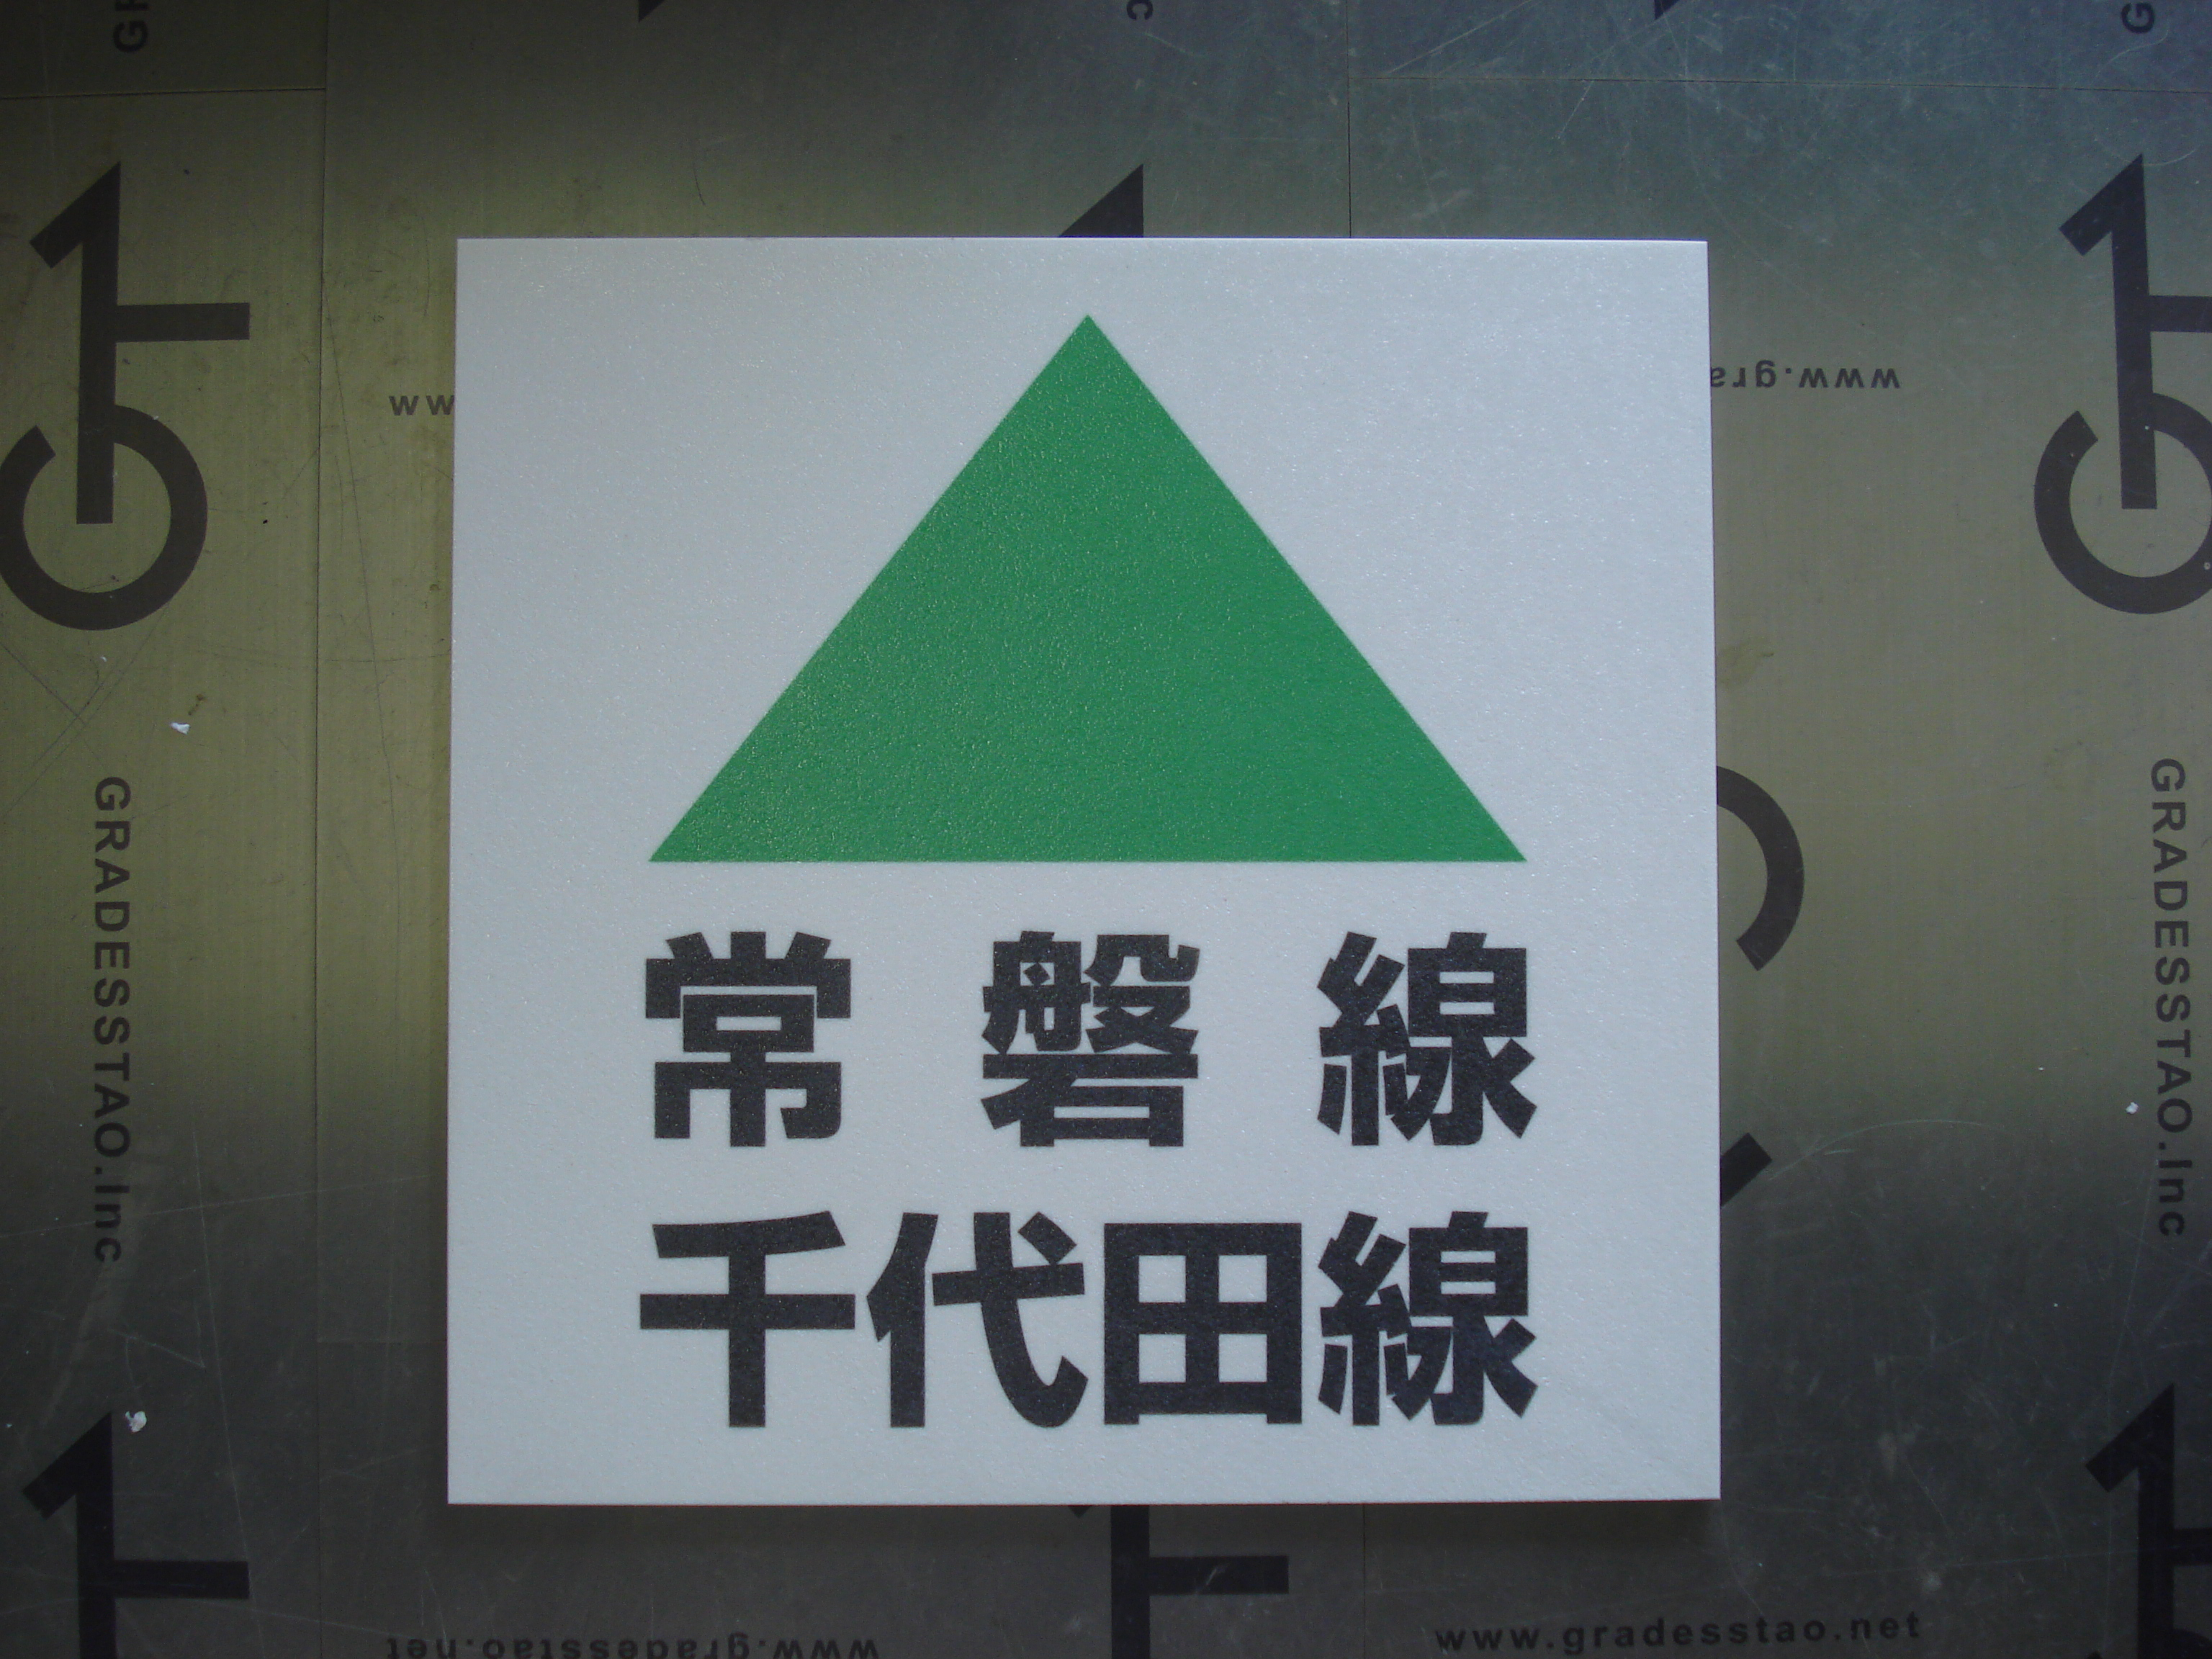 オーダータイル オーダー壁紙 製作事例 サイン・標識・案内板